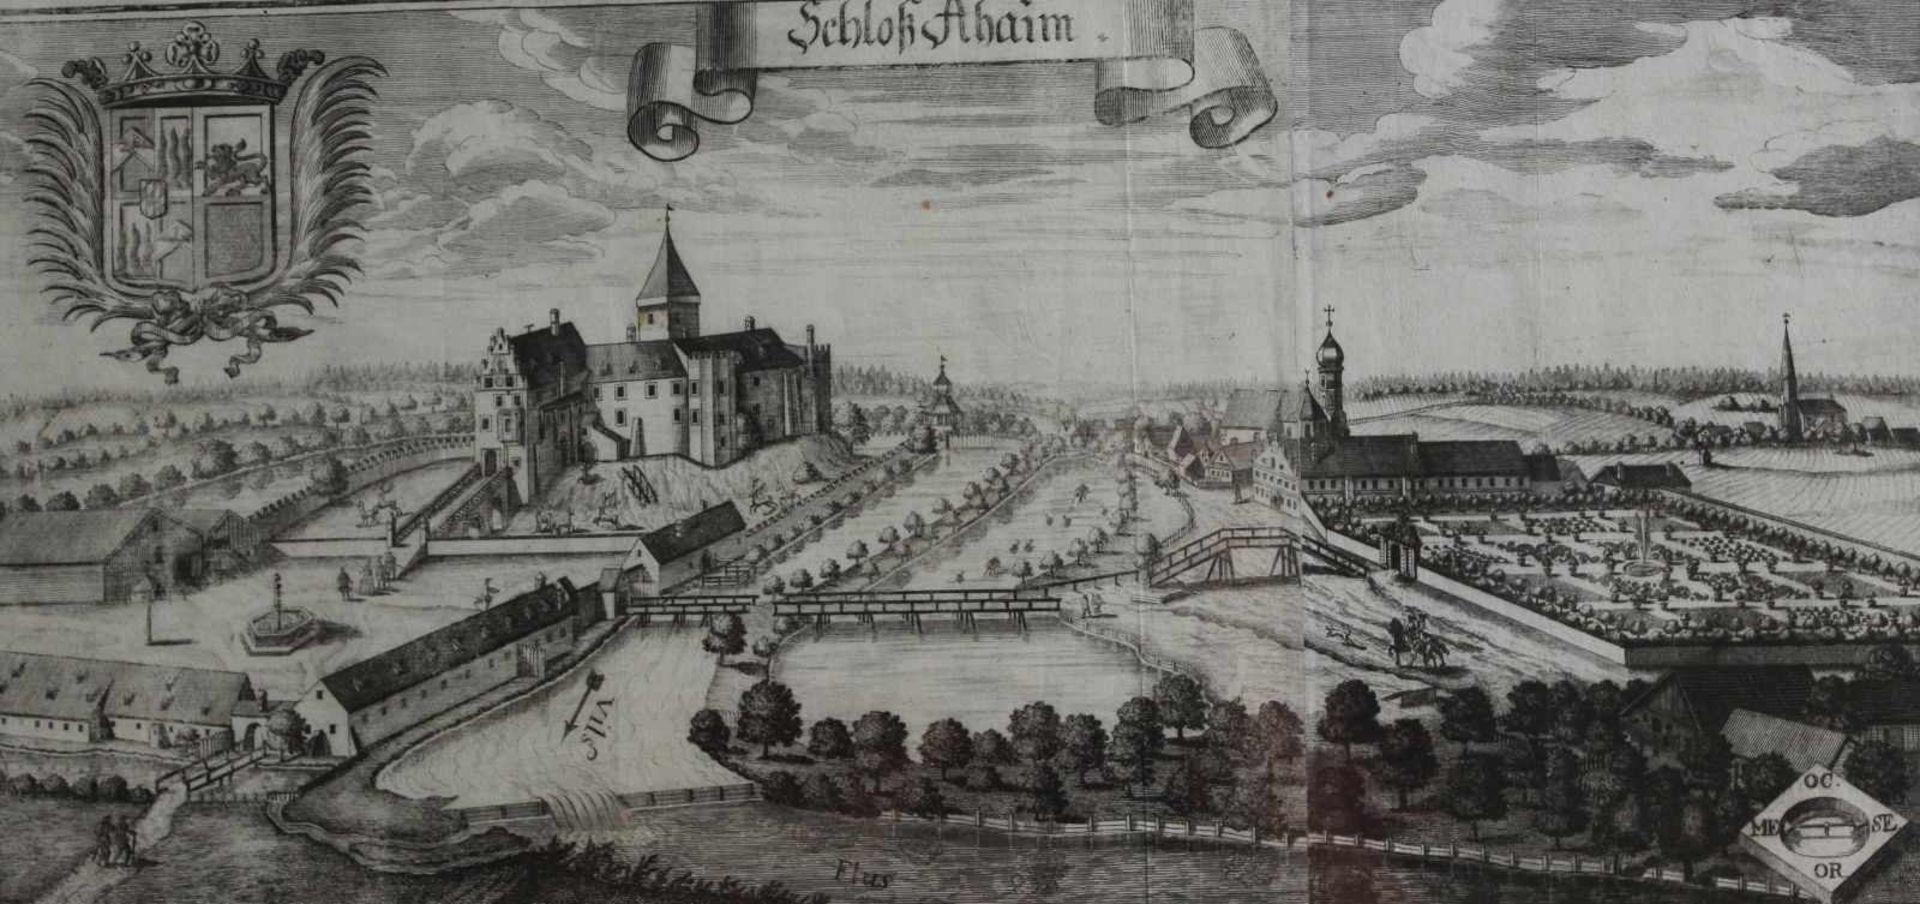 """Großer Kupferstich - Michael Wening (1645 Nürnberg - 1718 München) """"Schloß Aham bei Landshut"""", 18."""